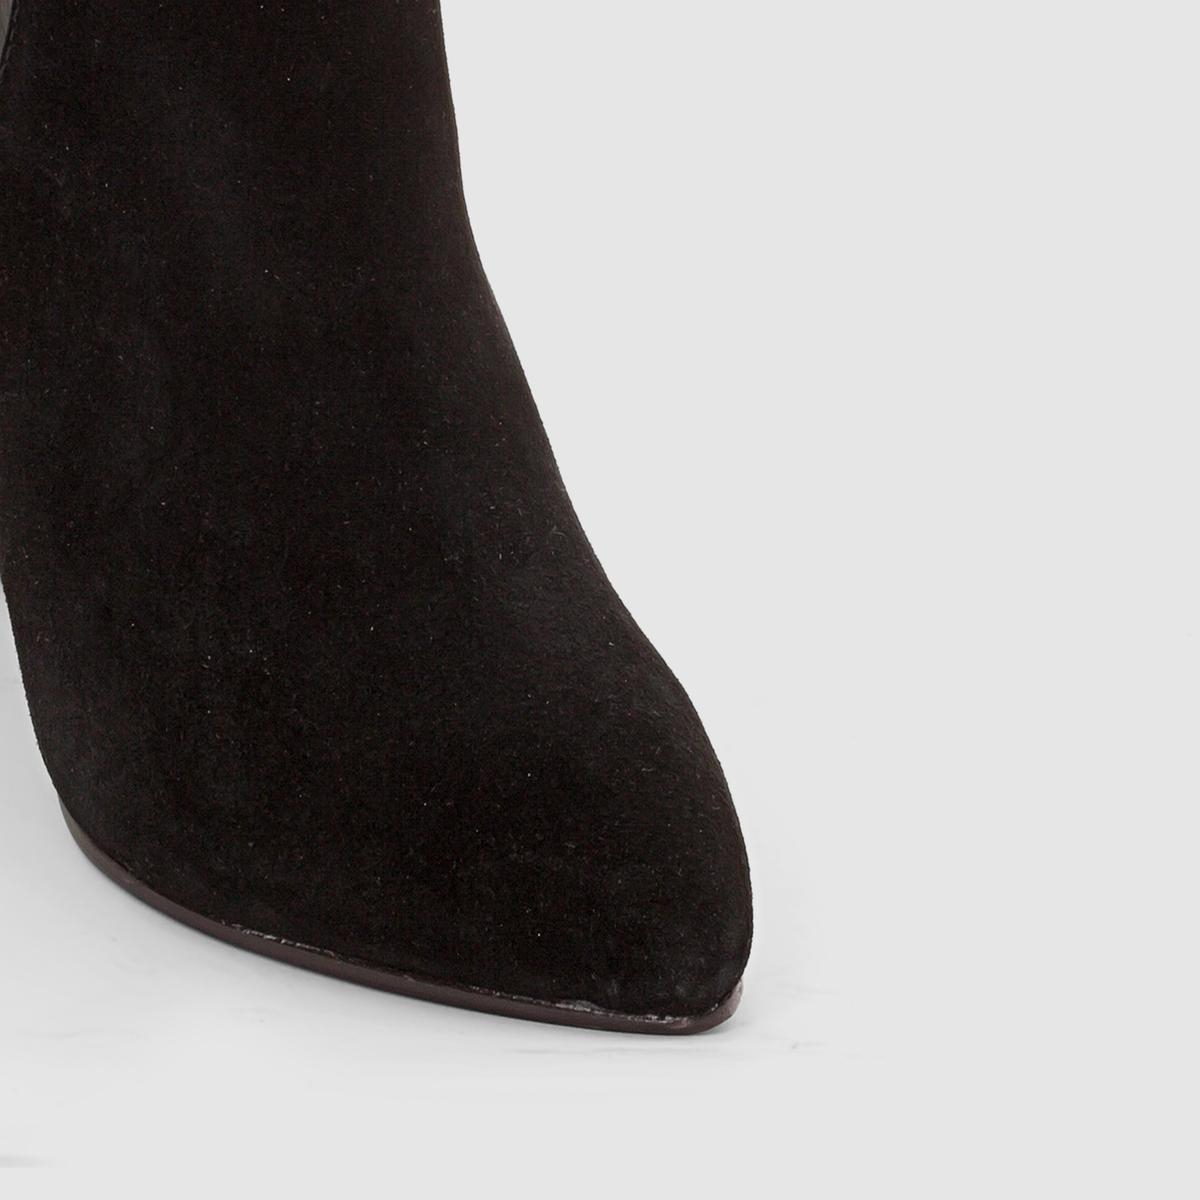 Ботильоны кожаные на танкеткеМарка : R studioВерх : яловичная кожаПодкладка : кожаСтелька : кожаПодошва : из эластомера Застежка : на молниюКаблук : 9 смПреимущества : дополнительный комфорт благодаря подошве-танкетке и элегантный высокий каблук !<br><br>Цвет: черный<br>Размер: 40.38.37